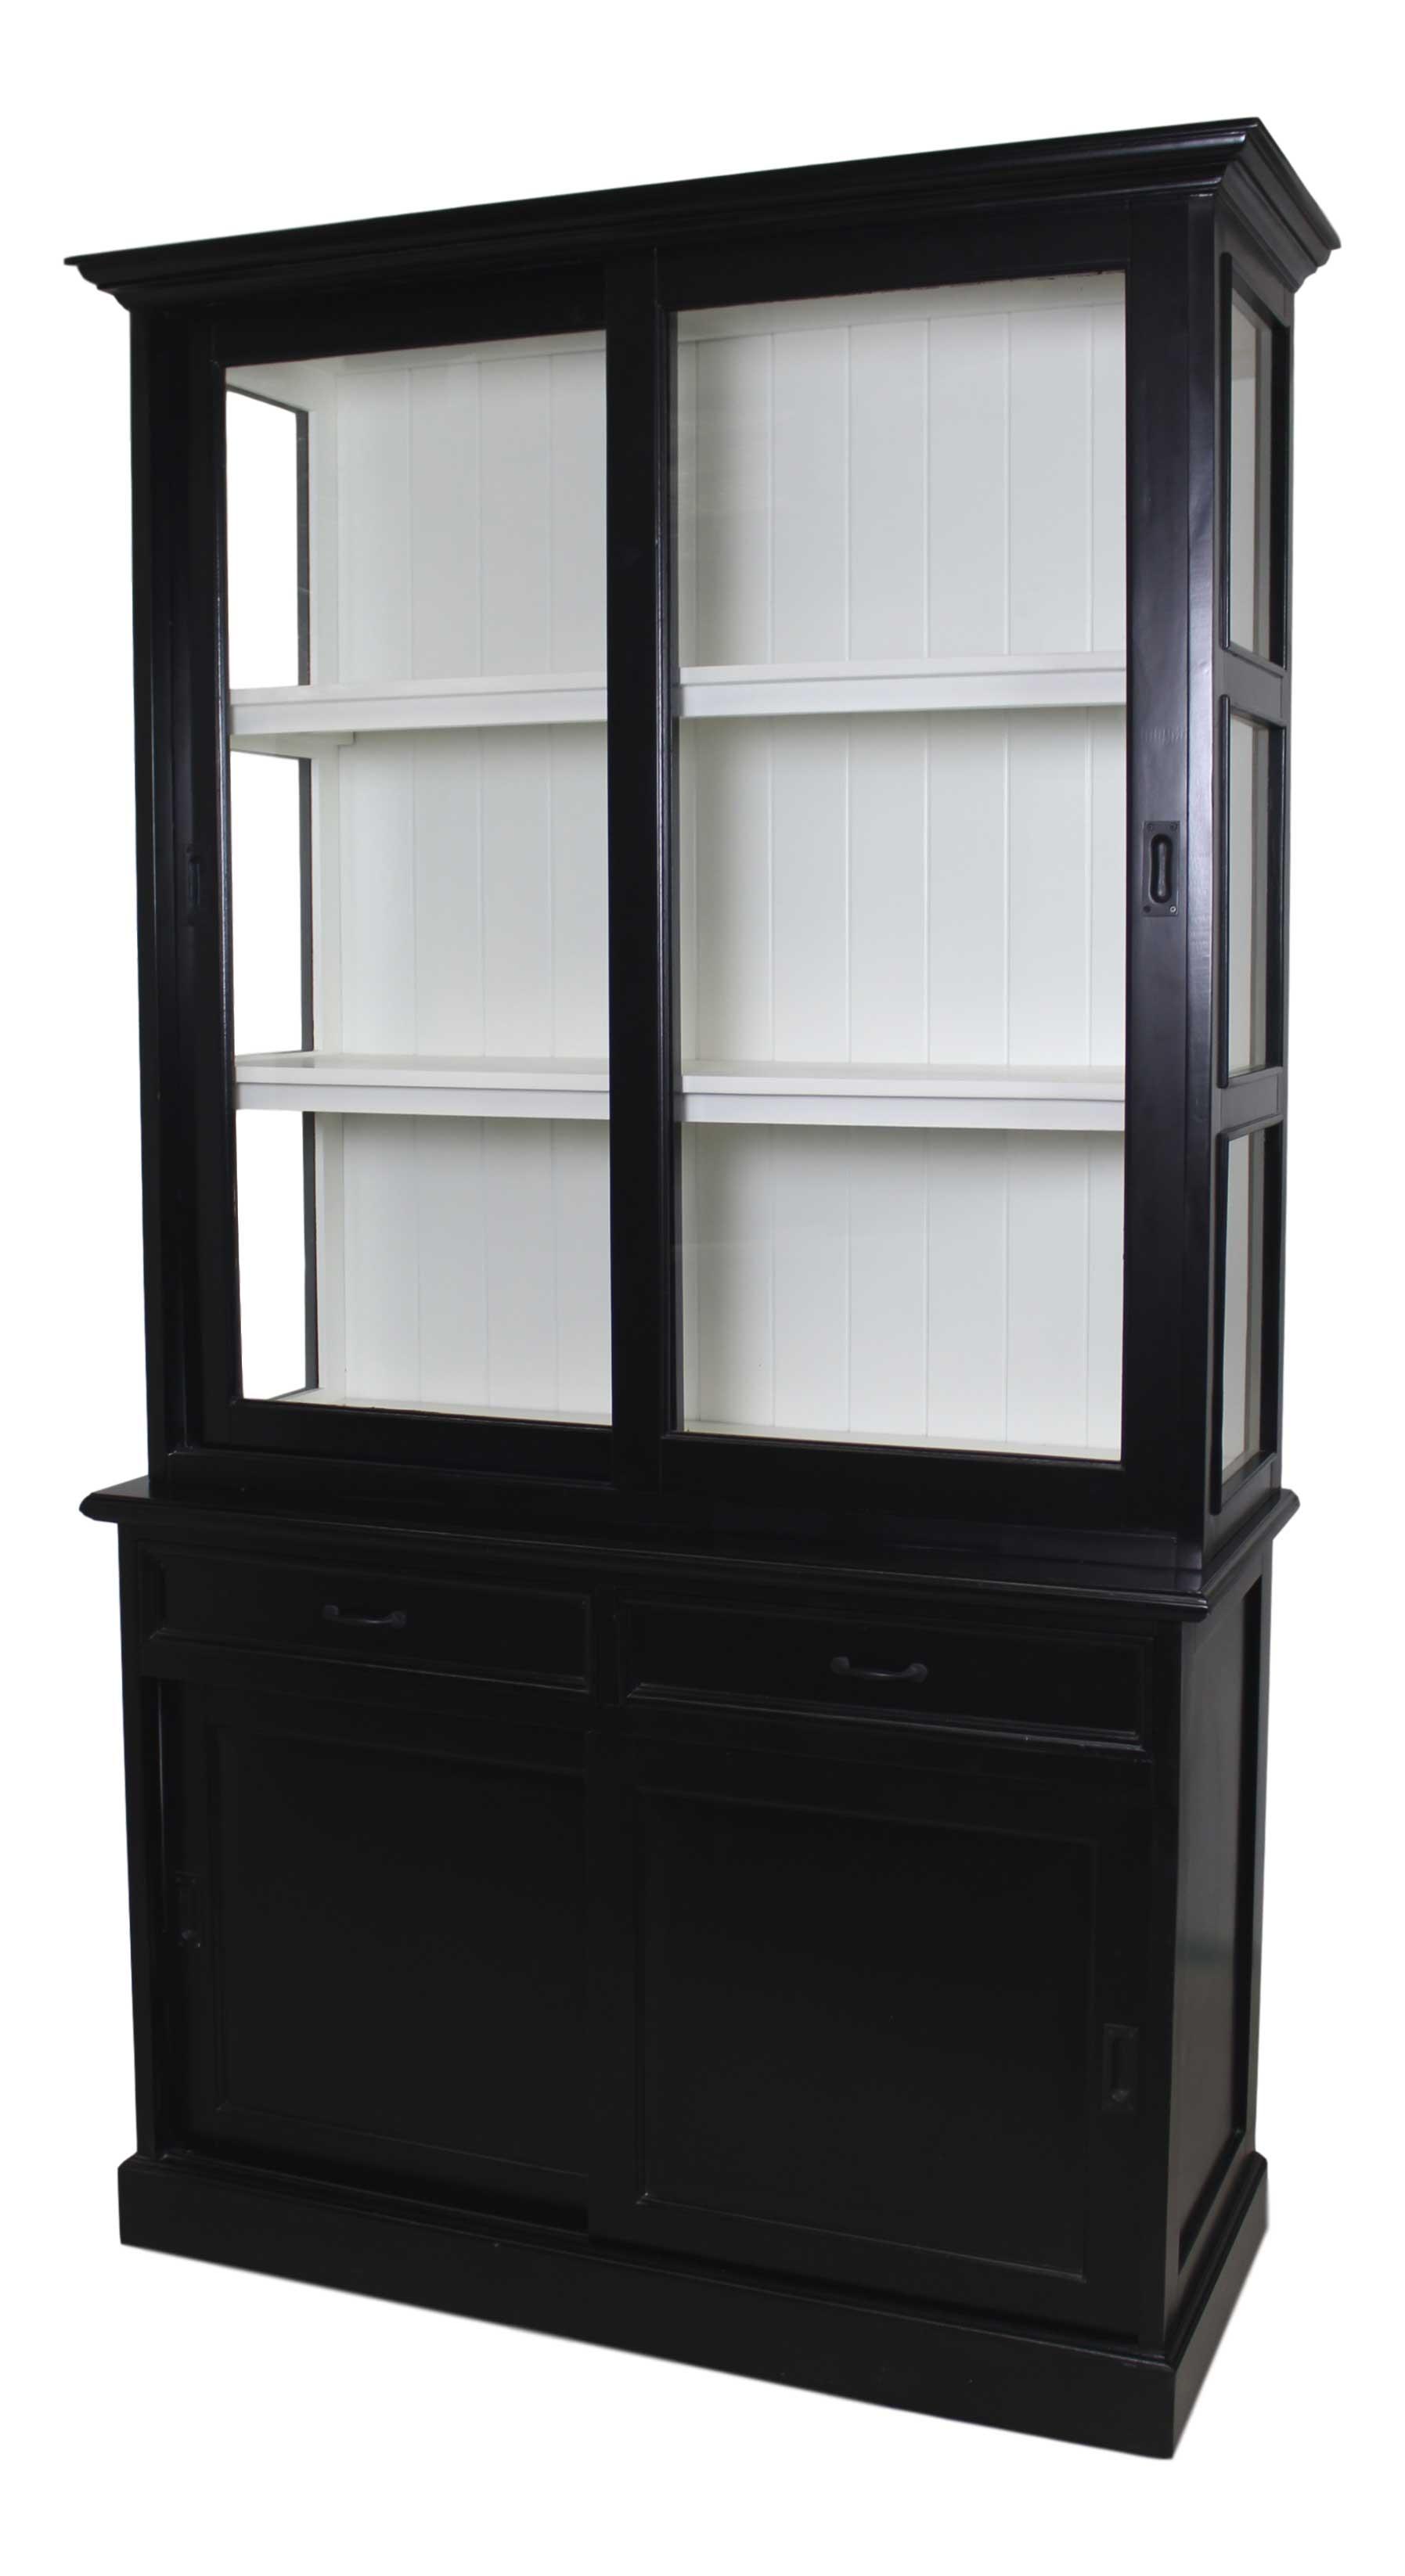 Winkelkast Mahonie hout -Wit 2-schuifdeur HSM Collection